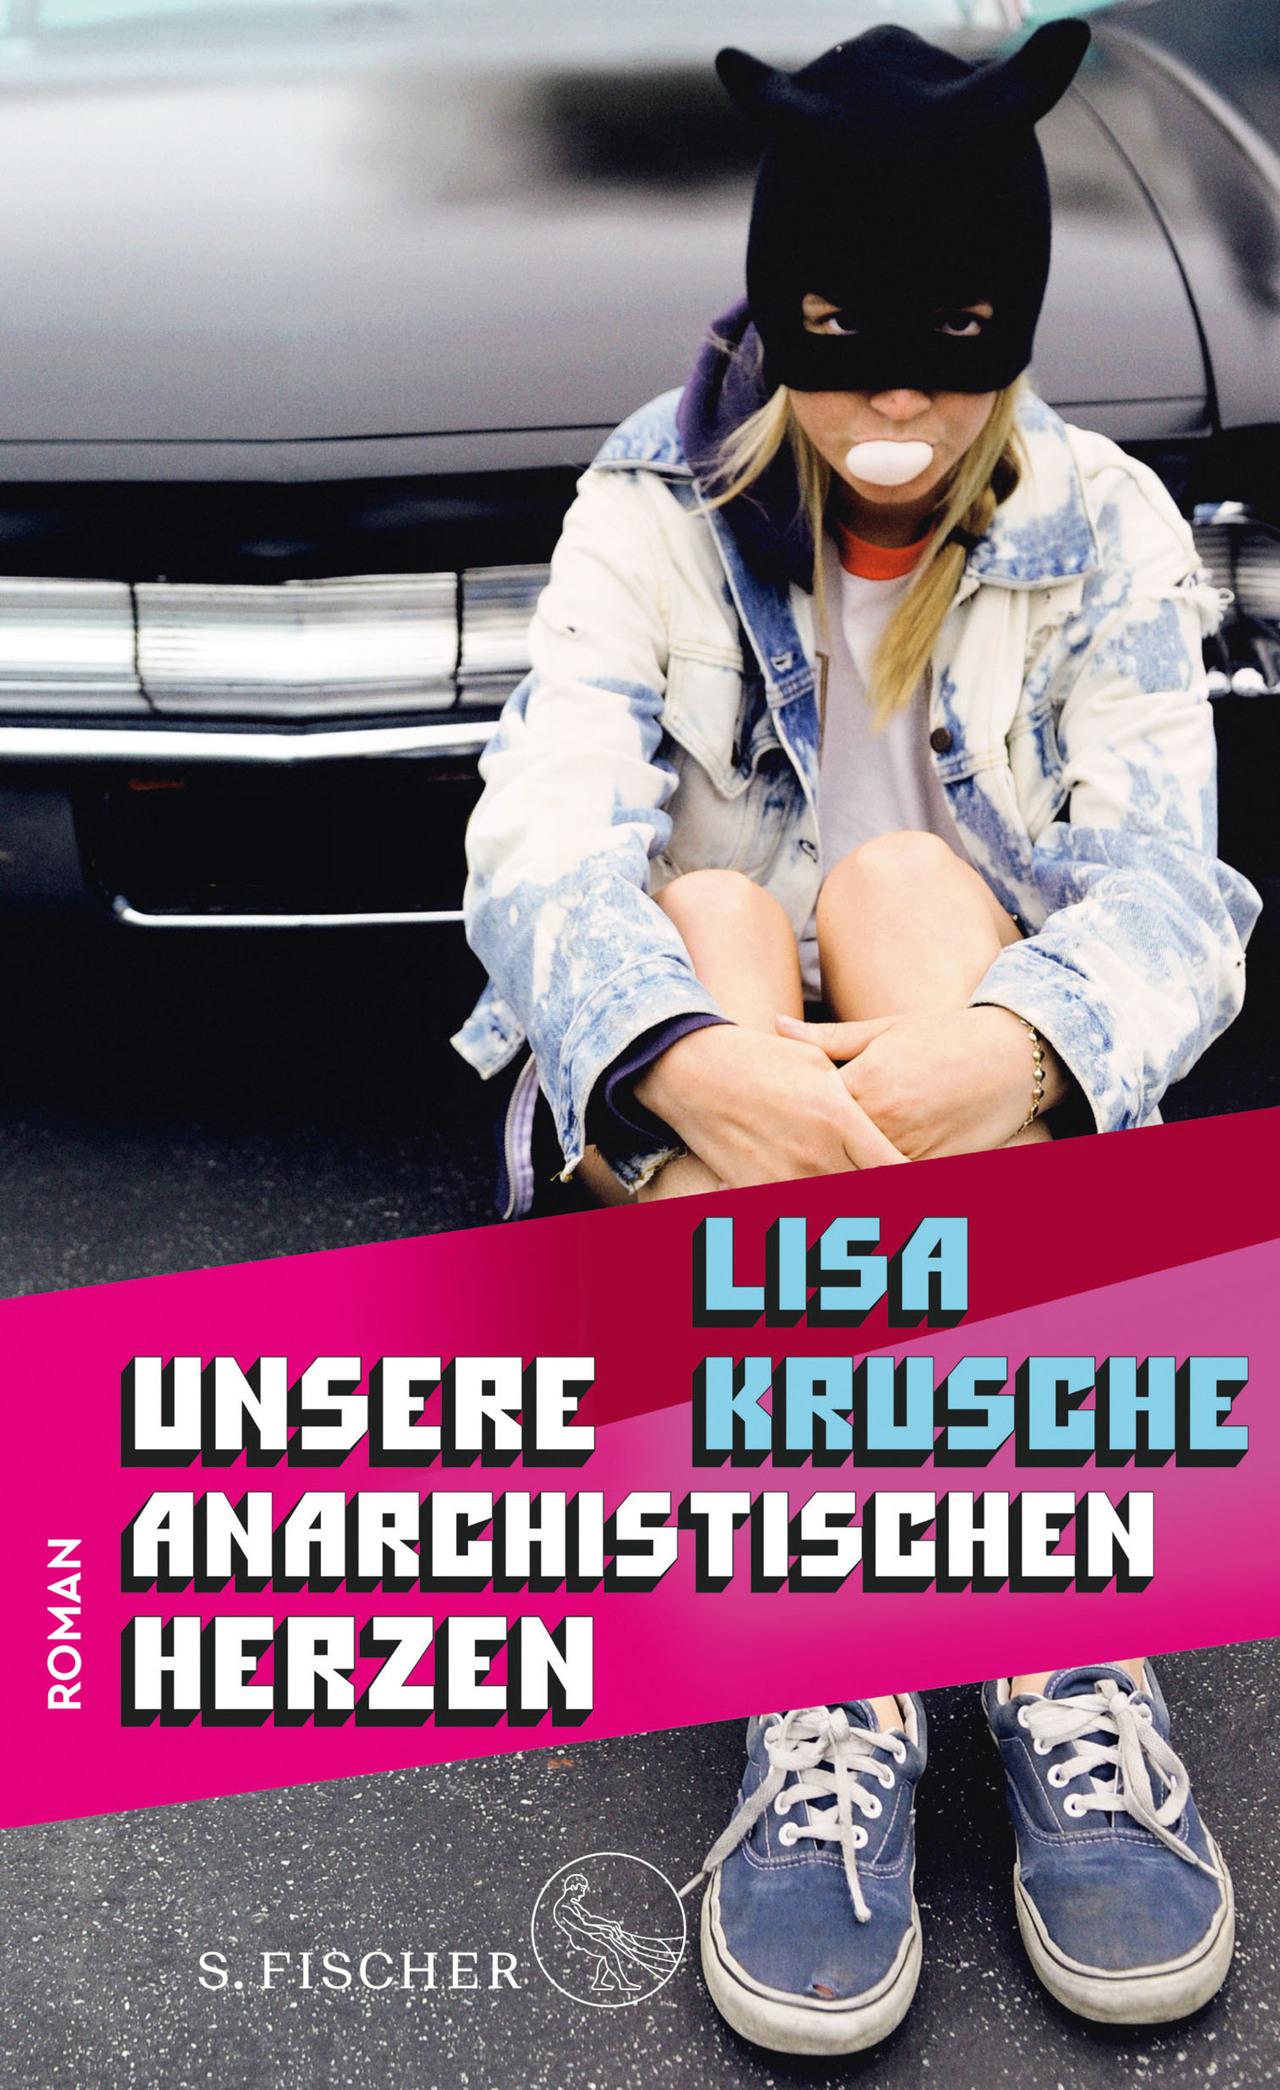 """Buchcover """"Unsere anarchistischen Herzen"""""""